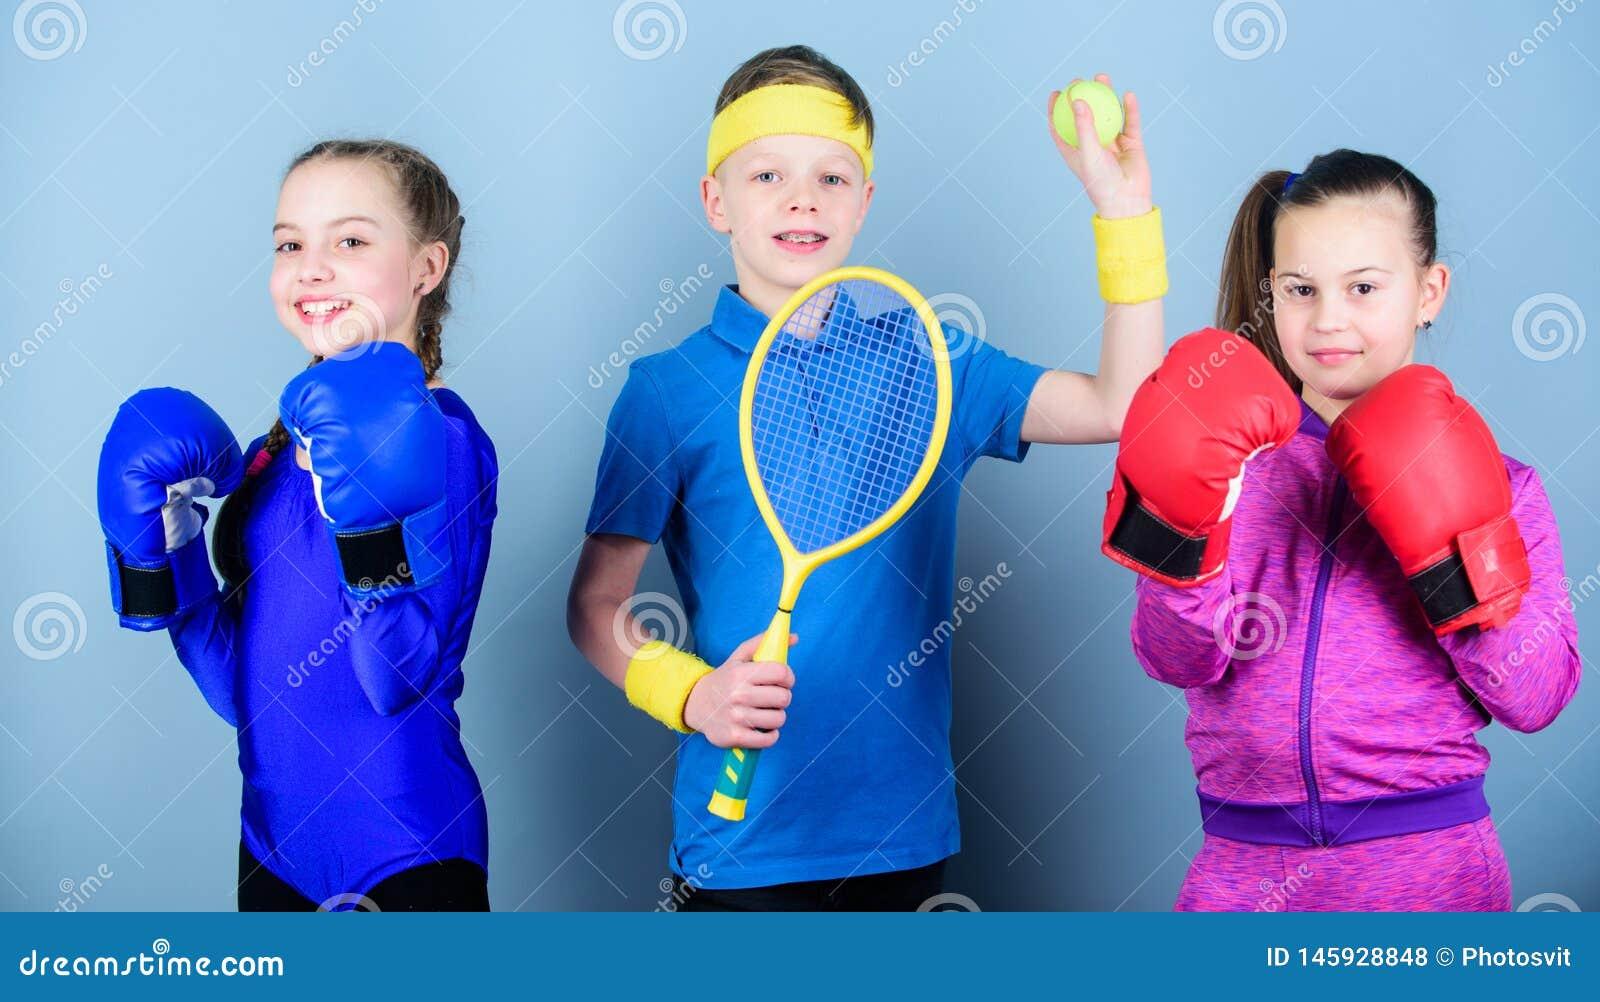 Fratelli germani sportivi Modi aiutare i bambini a trovare sport che godono di Gli amici aspettano per addestramento di sport Il